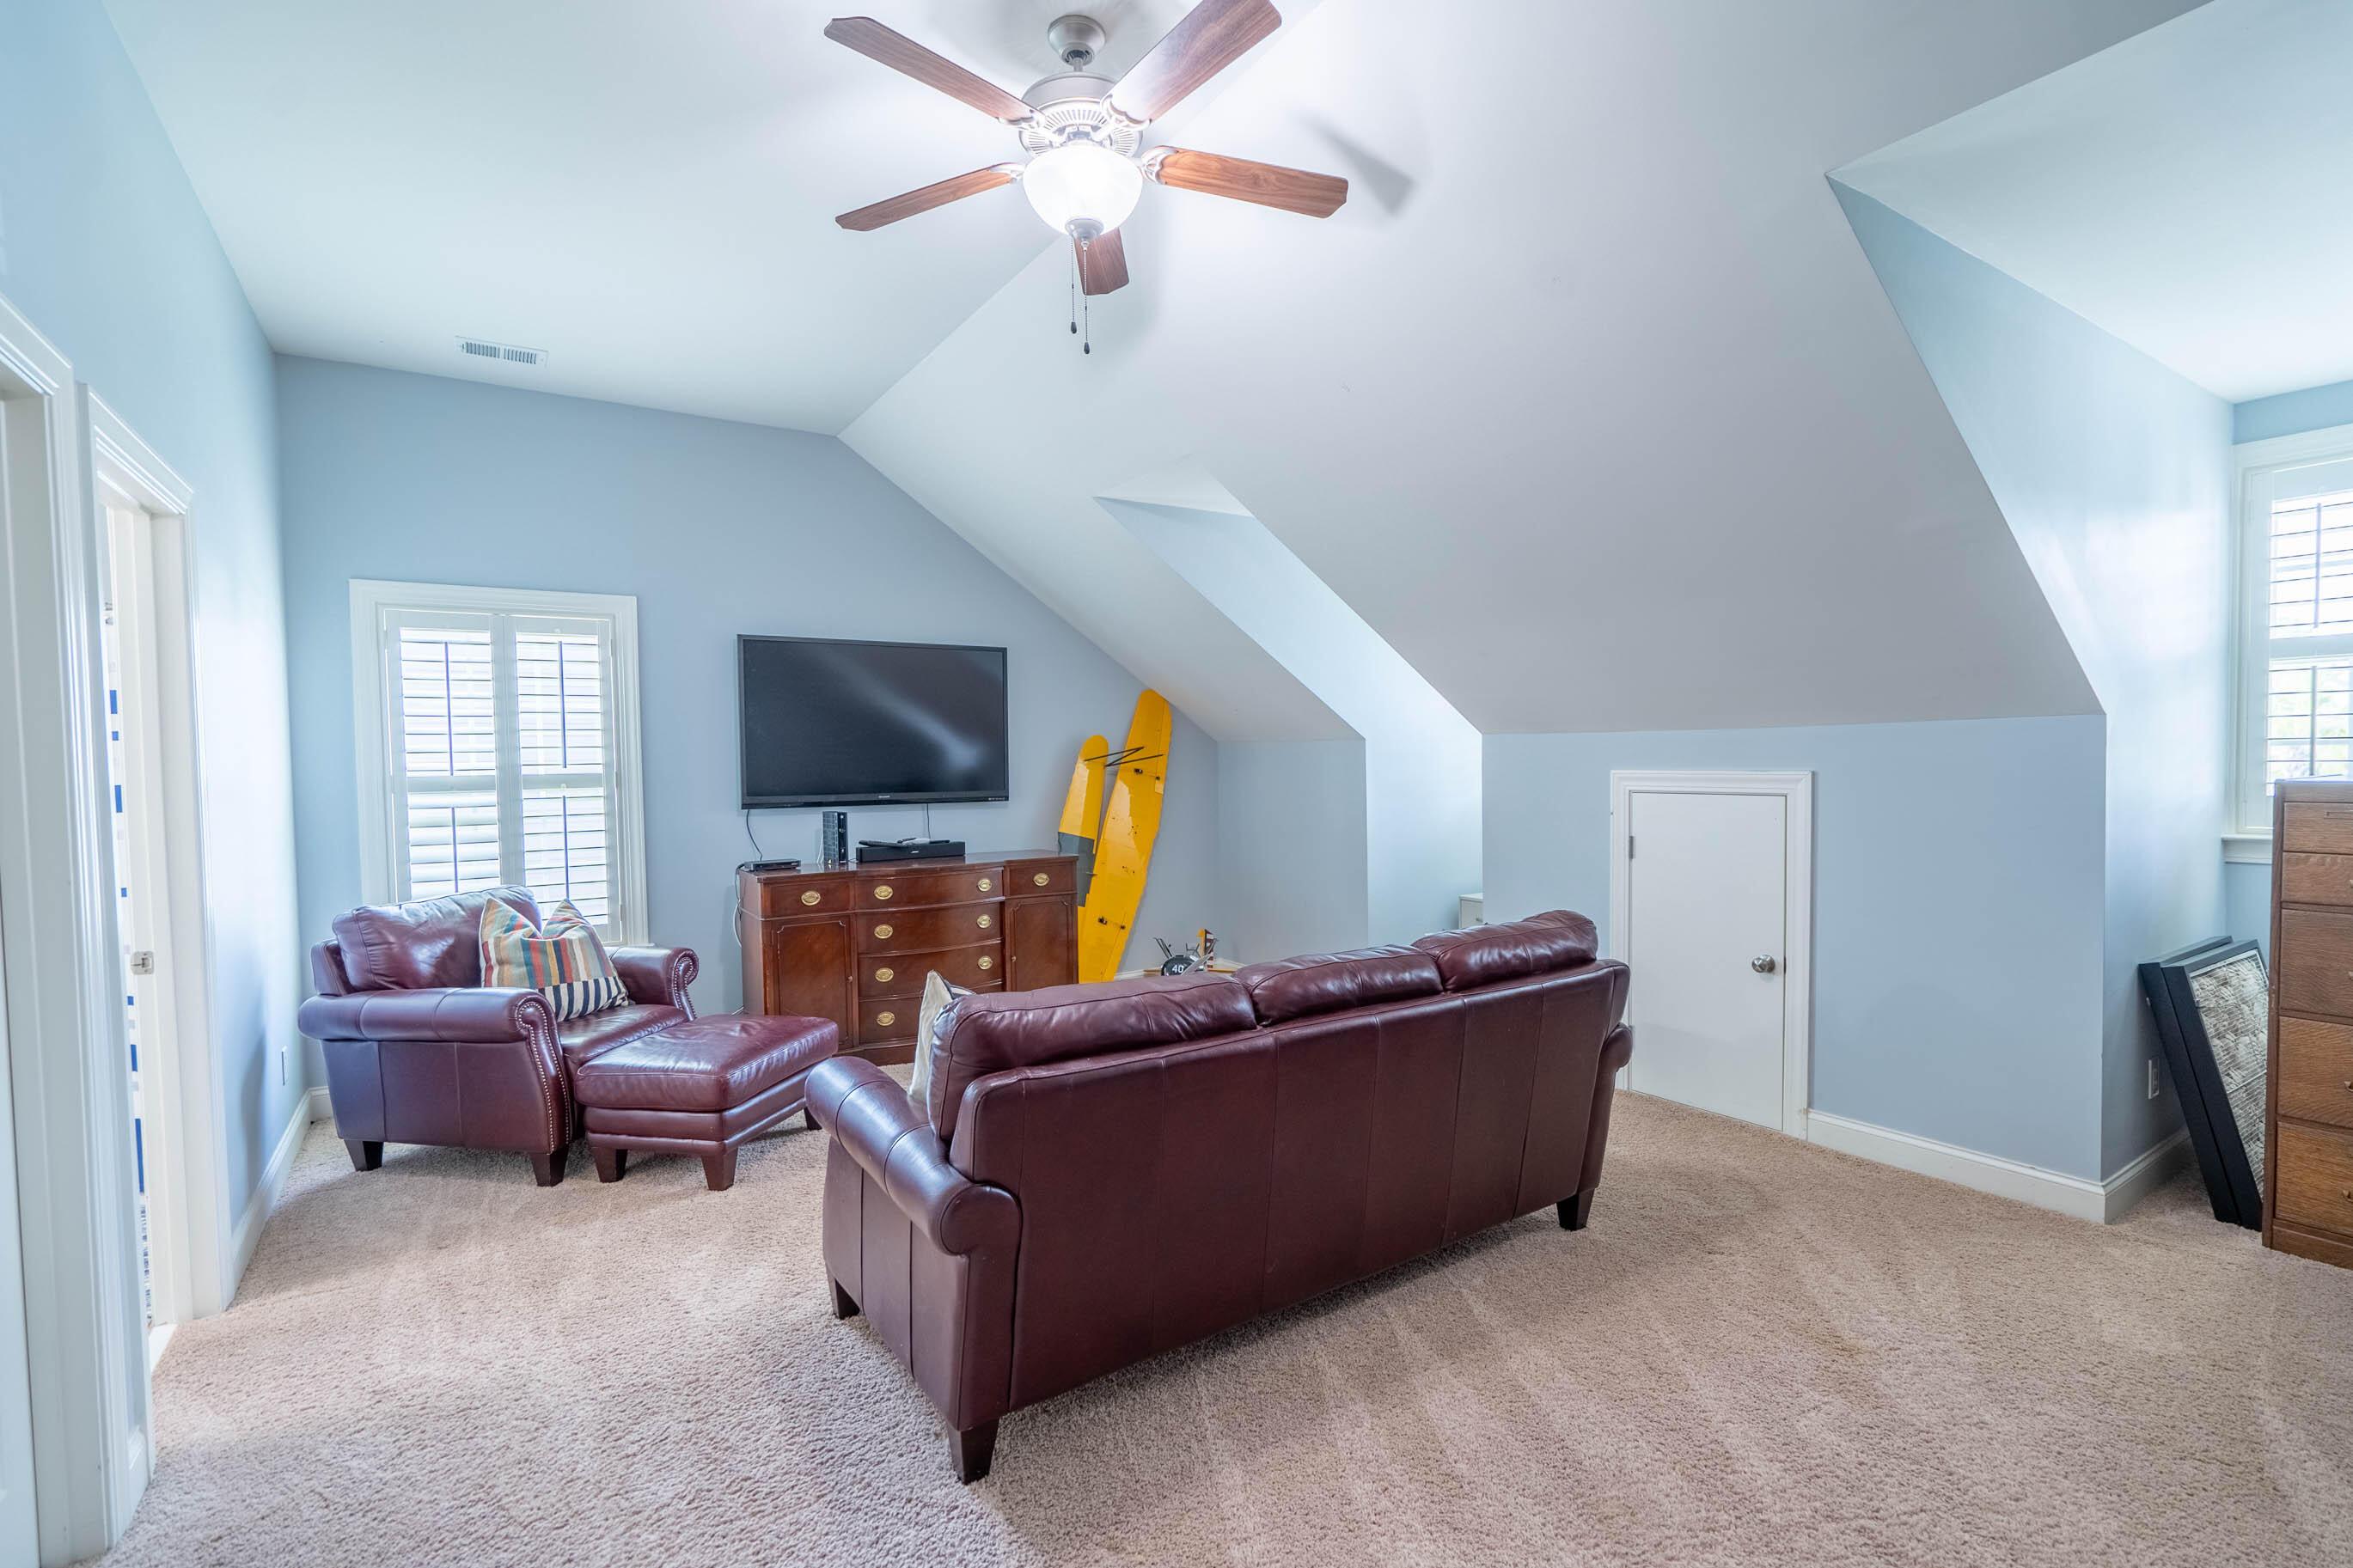 Dunes West Homes For Sale - 2997 Sturbridge, Mount Pleasant, SC - 35